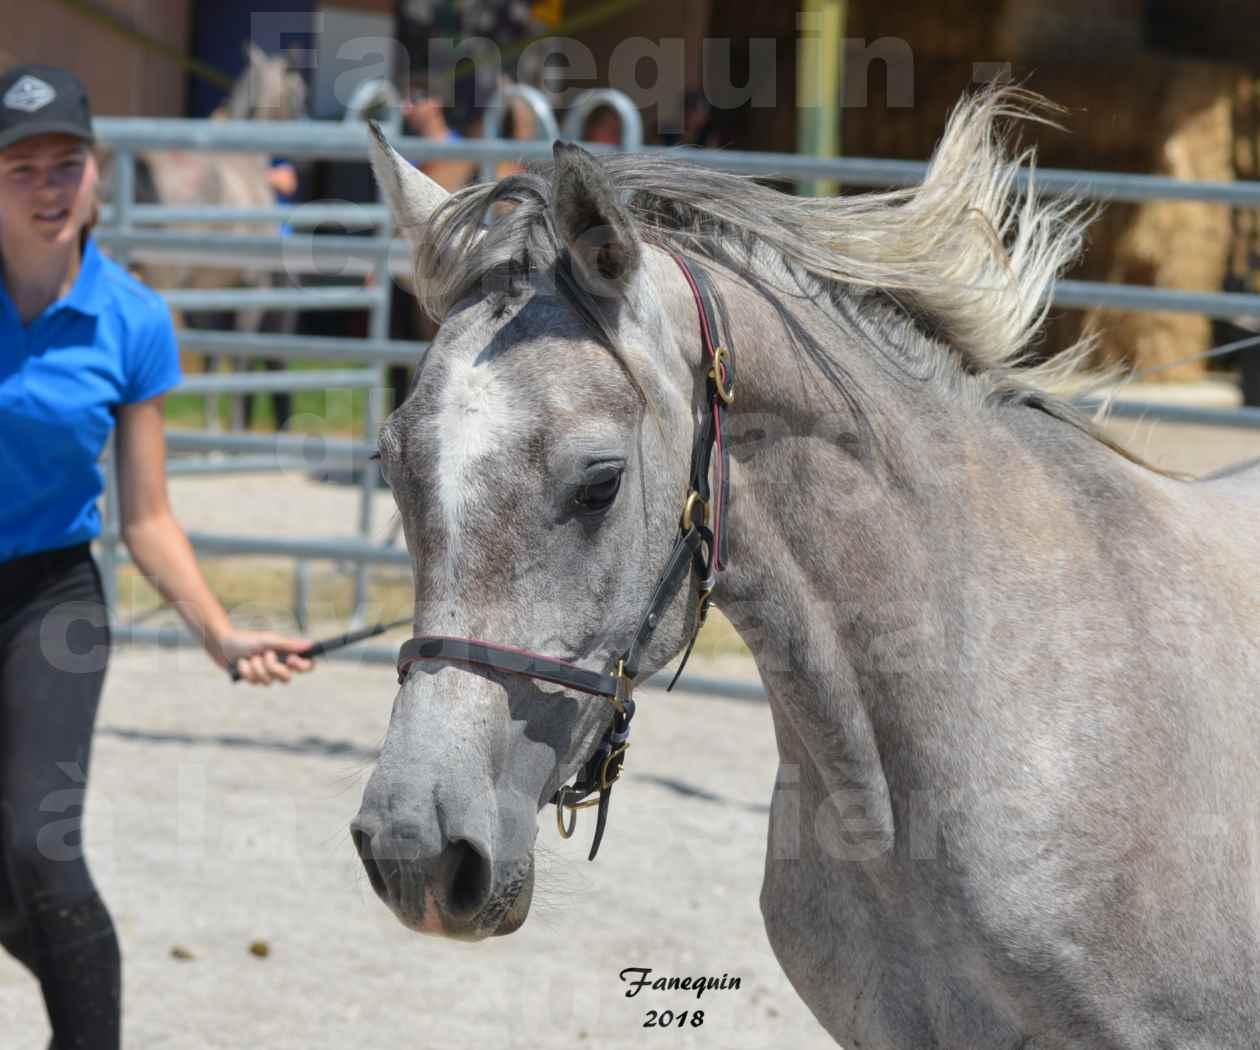 Concours d'Elevage de chevaux Arabes  le 27 juin 2018 à la BOISSIERE - GAZAK D'AURIERES - 1